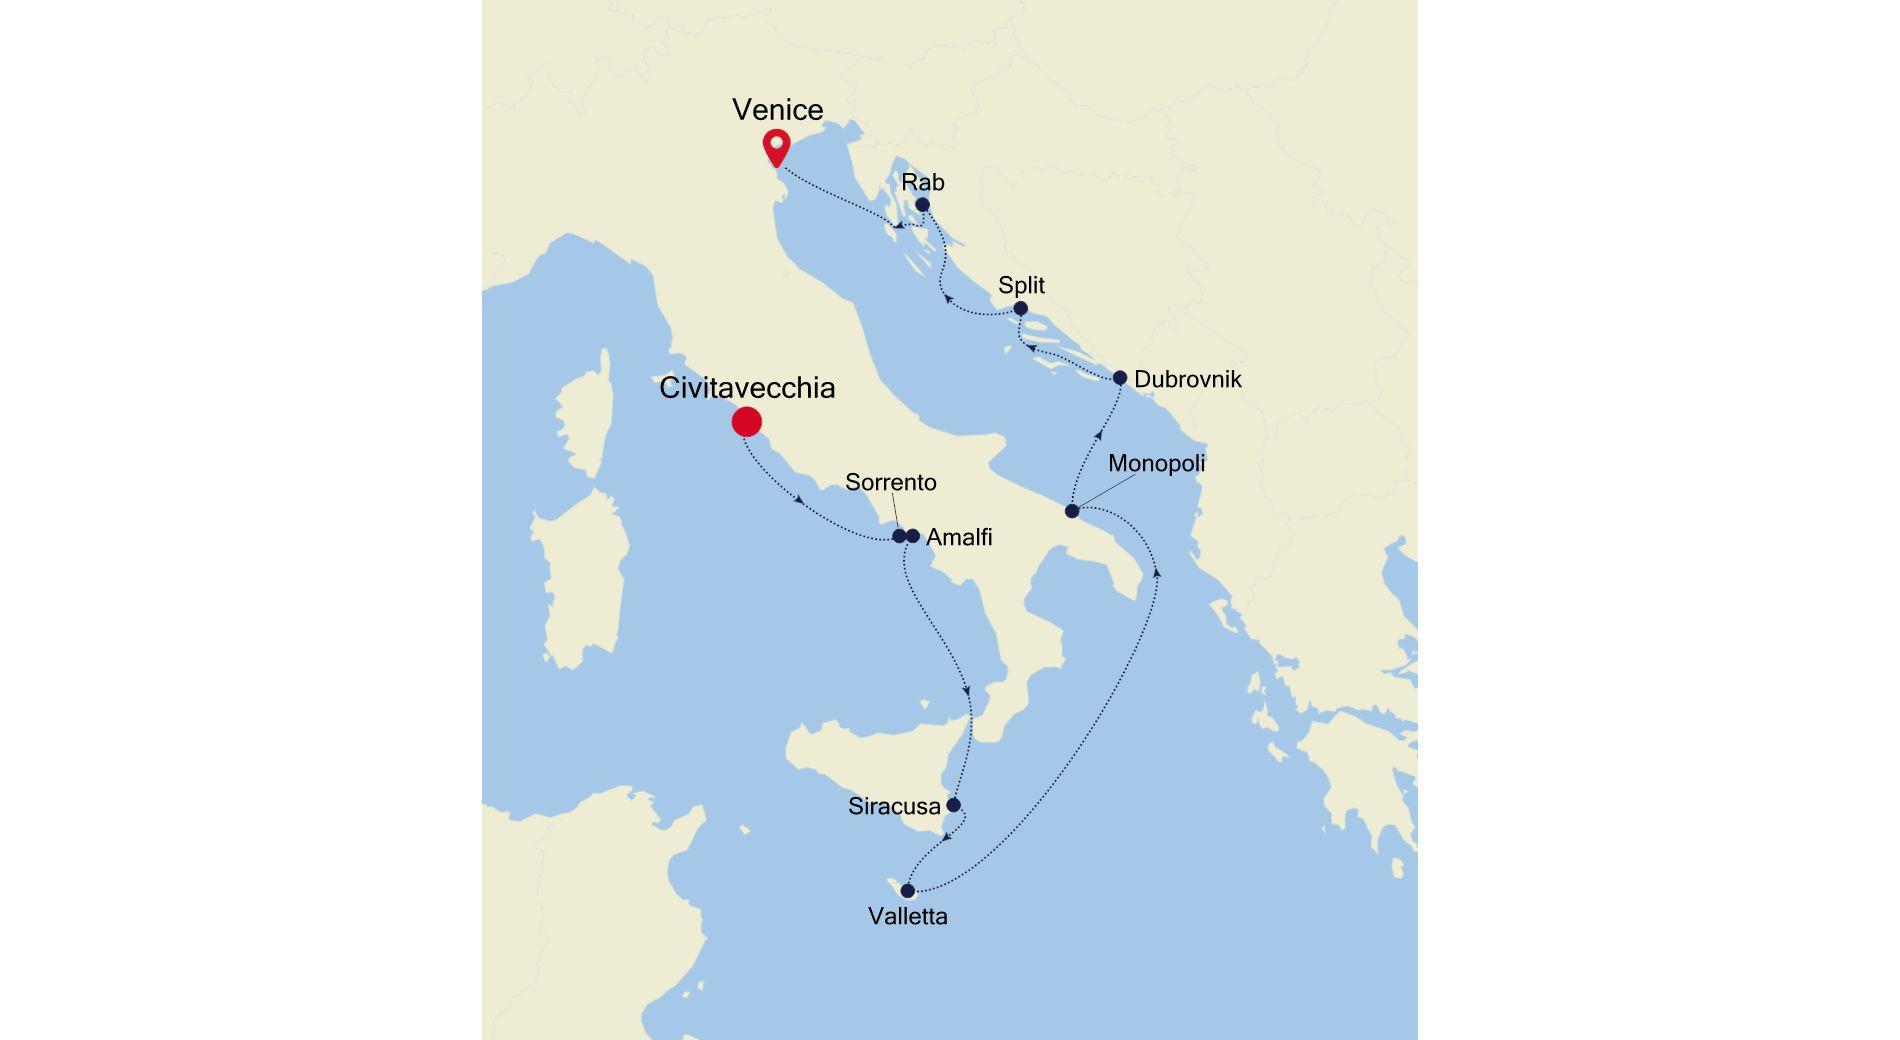 SS210727010 - Civitavecchia nach Venice